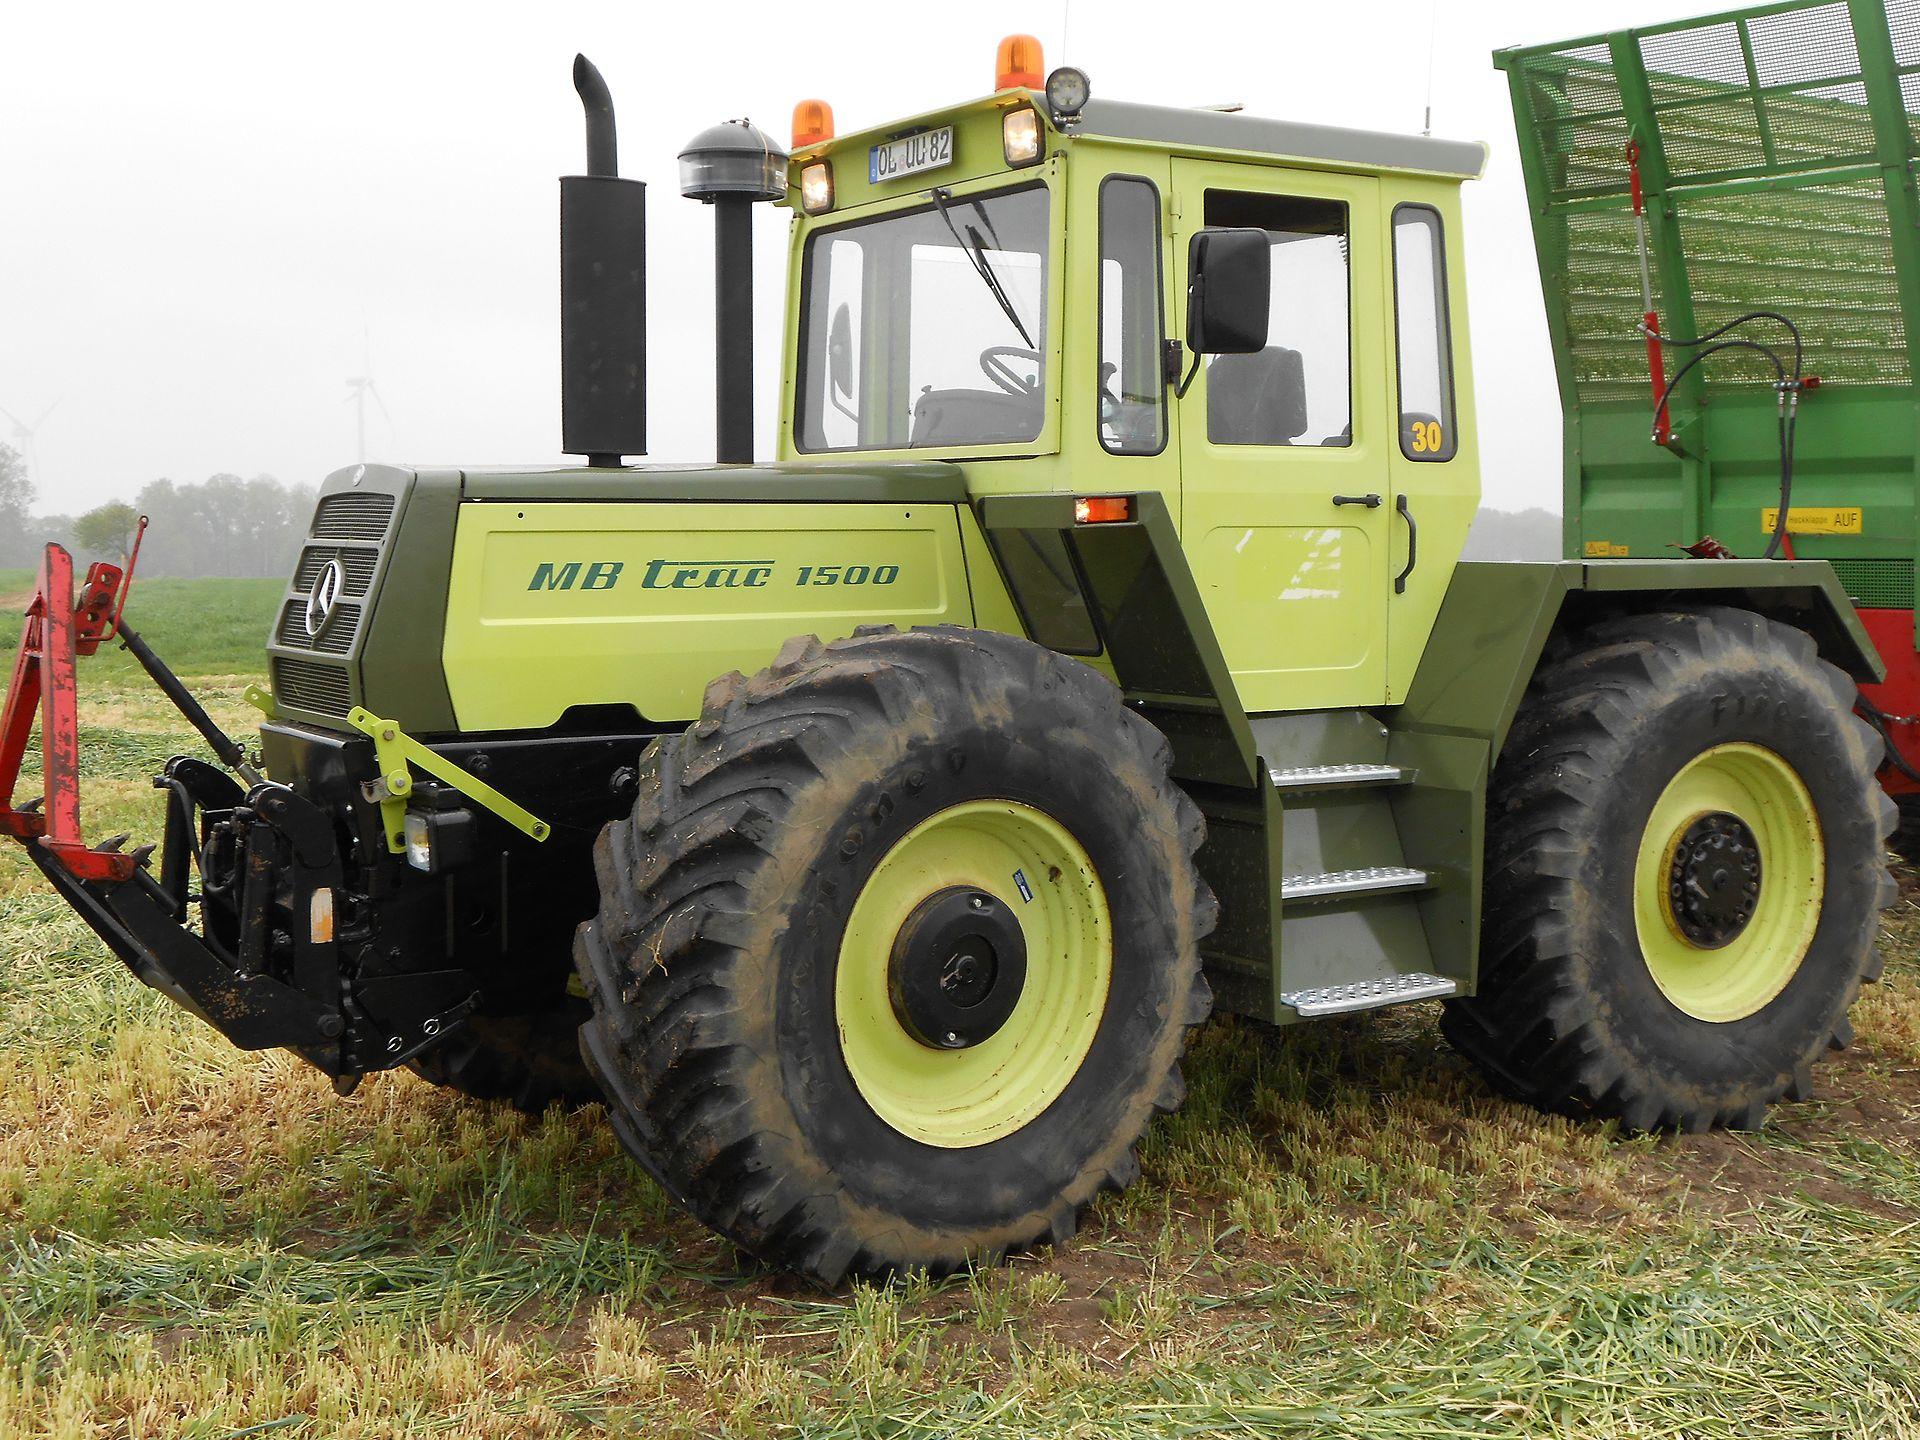 mercedes benz mb trac 1500 tractor mania. Black Bedroom Furniture Sets. Home Design Ideas